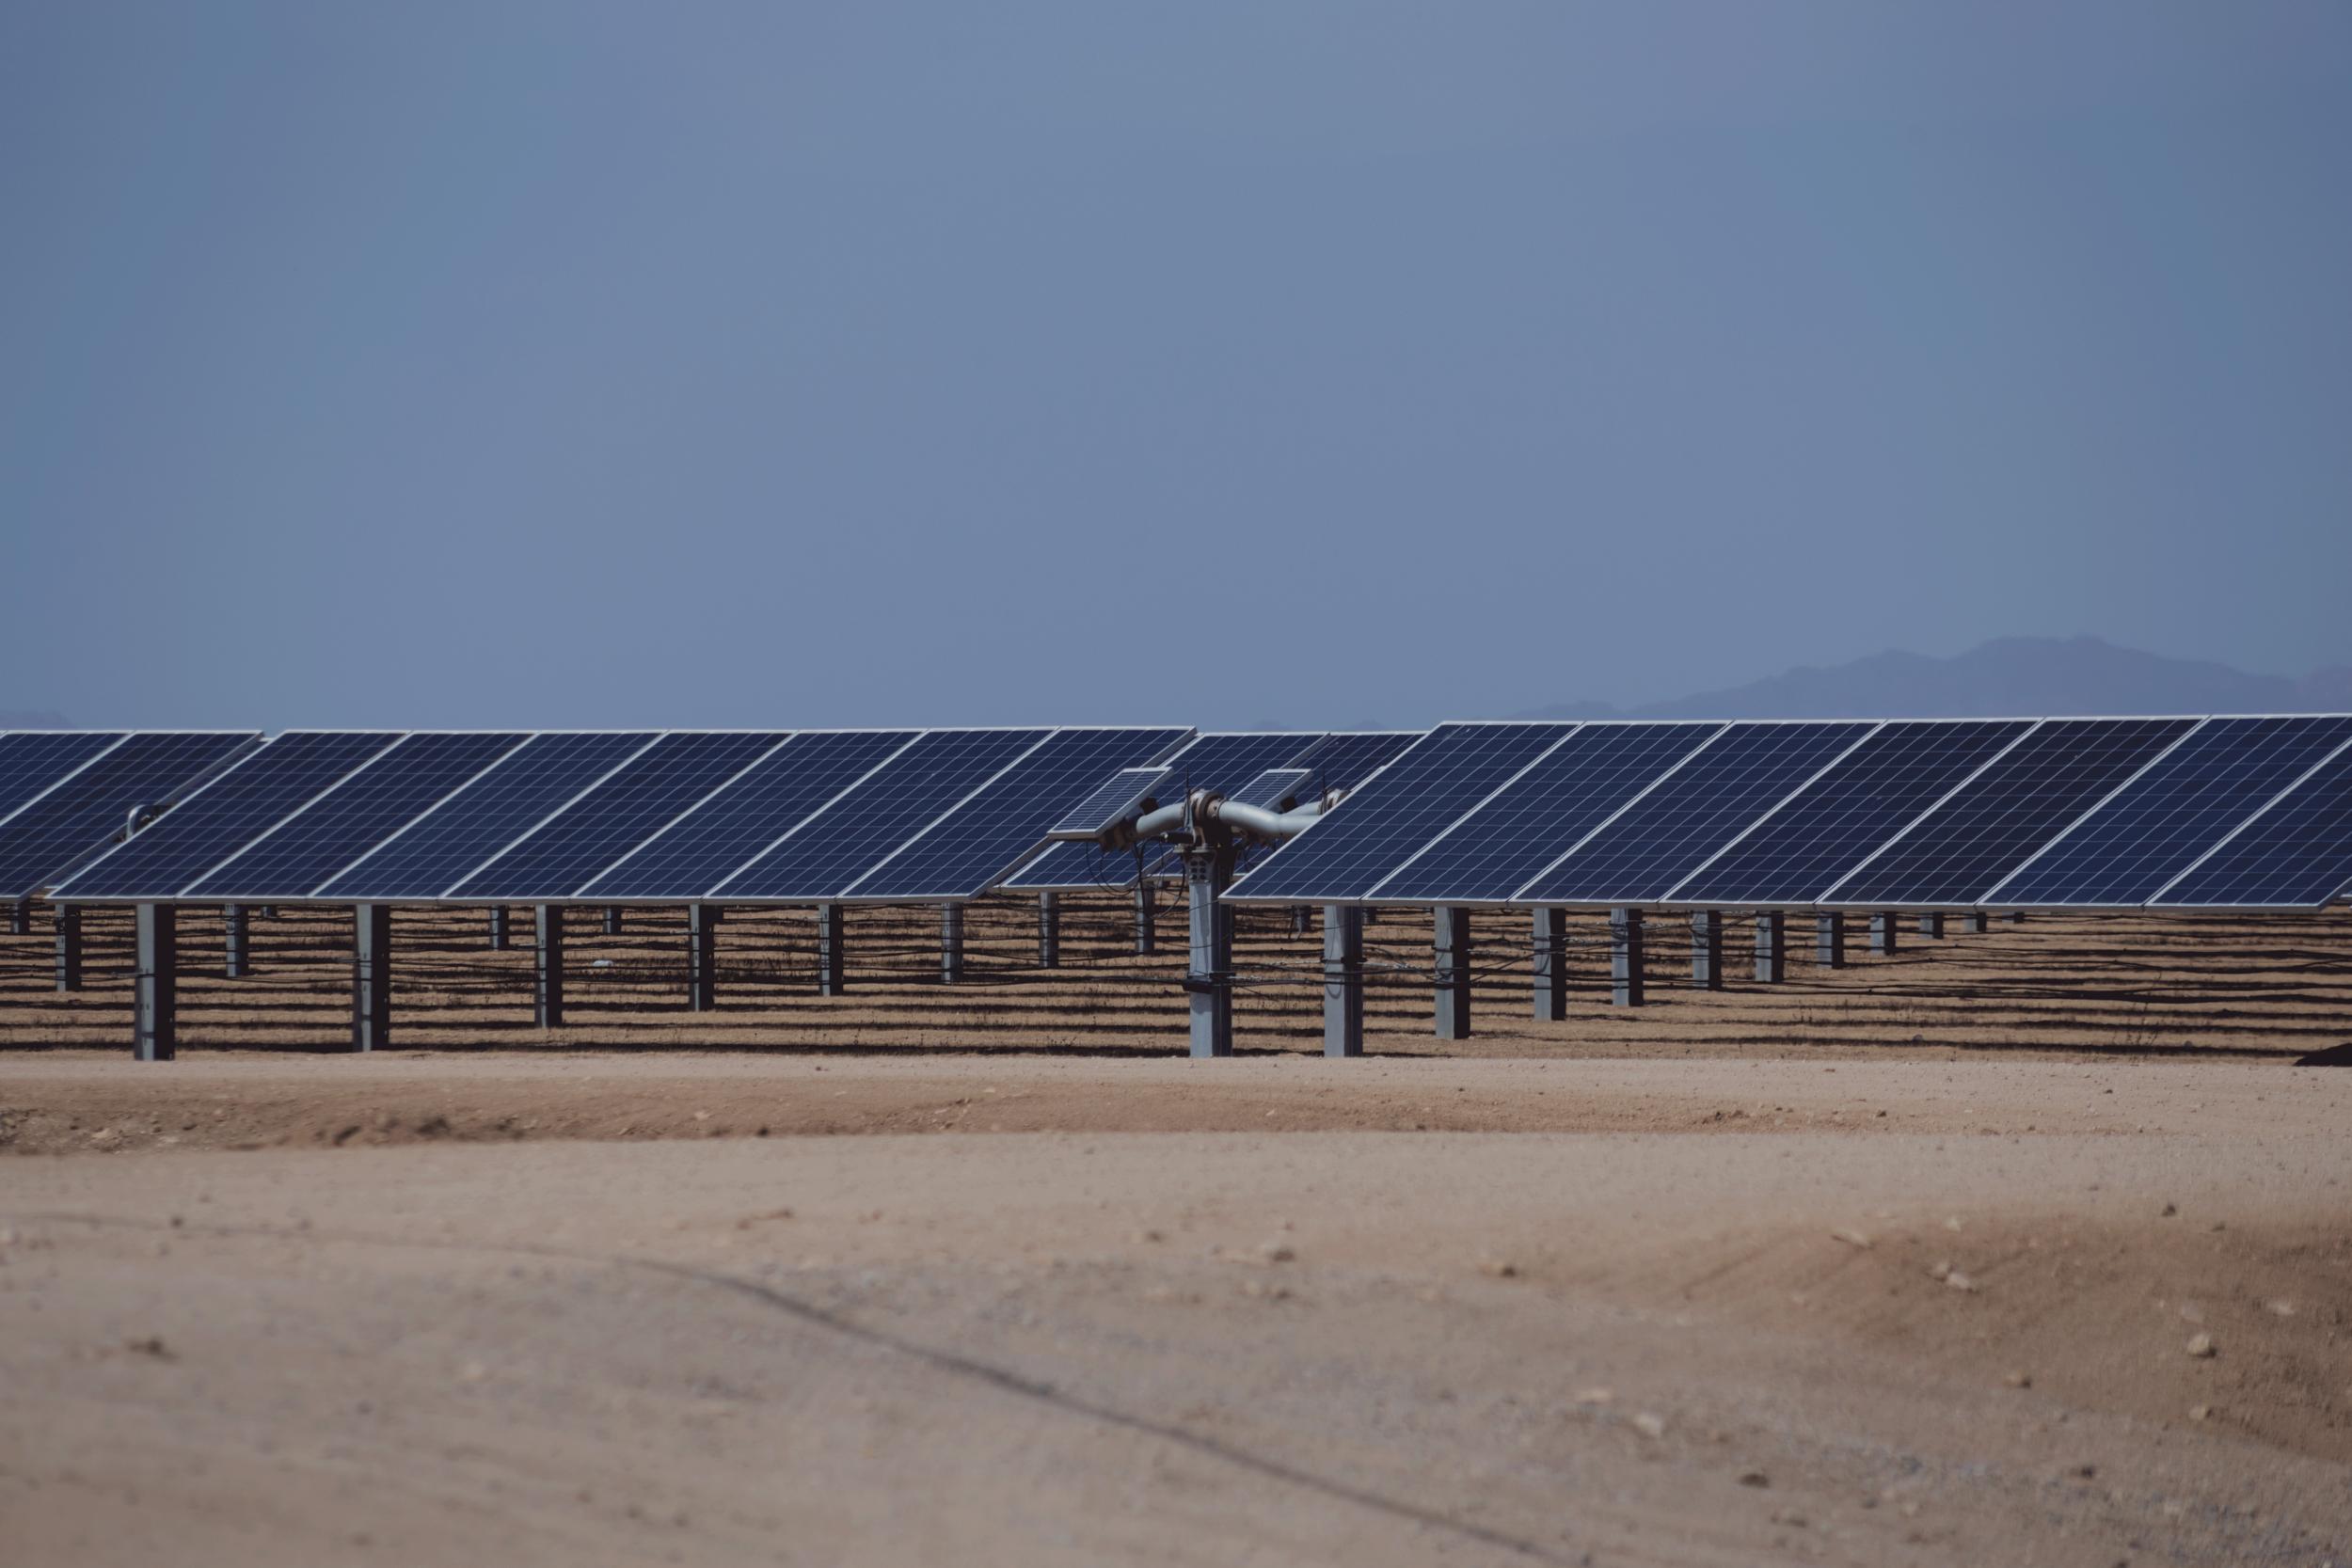 Zuma Energía inaugura La Orejana, en Sonora - Energía a debateAgosto 2019